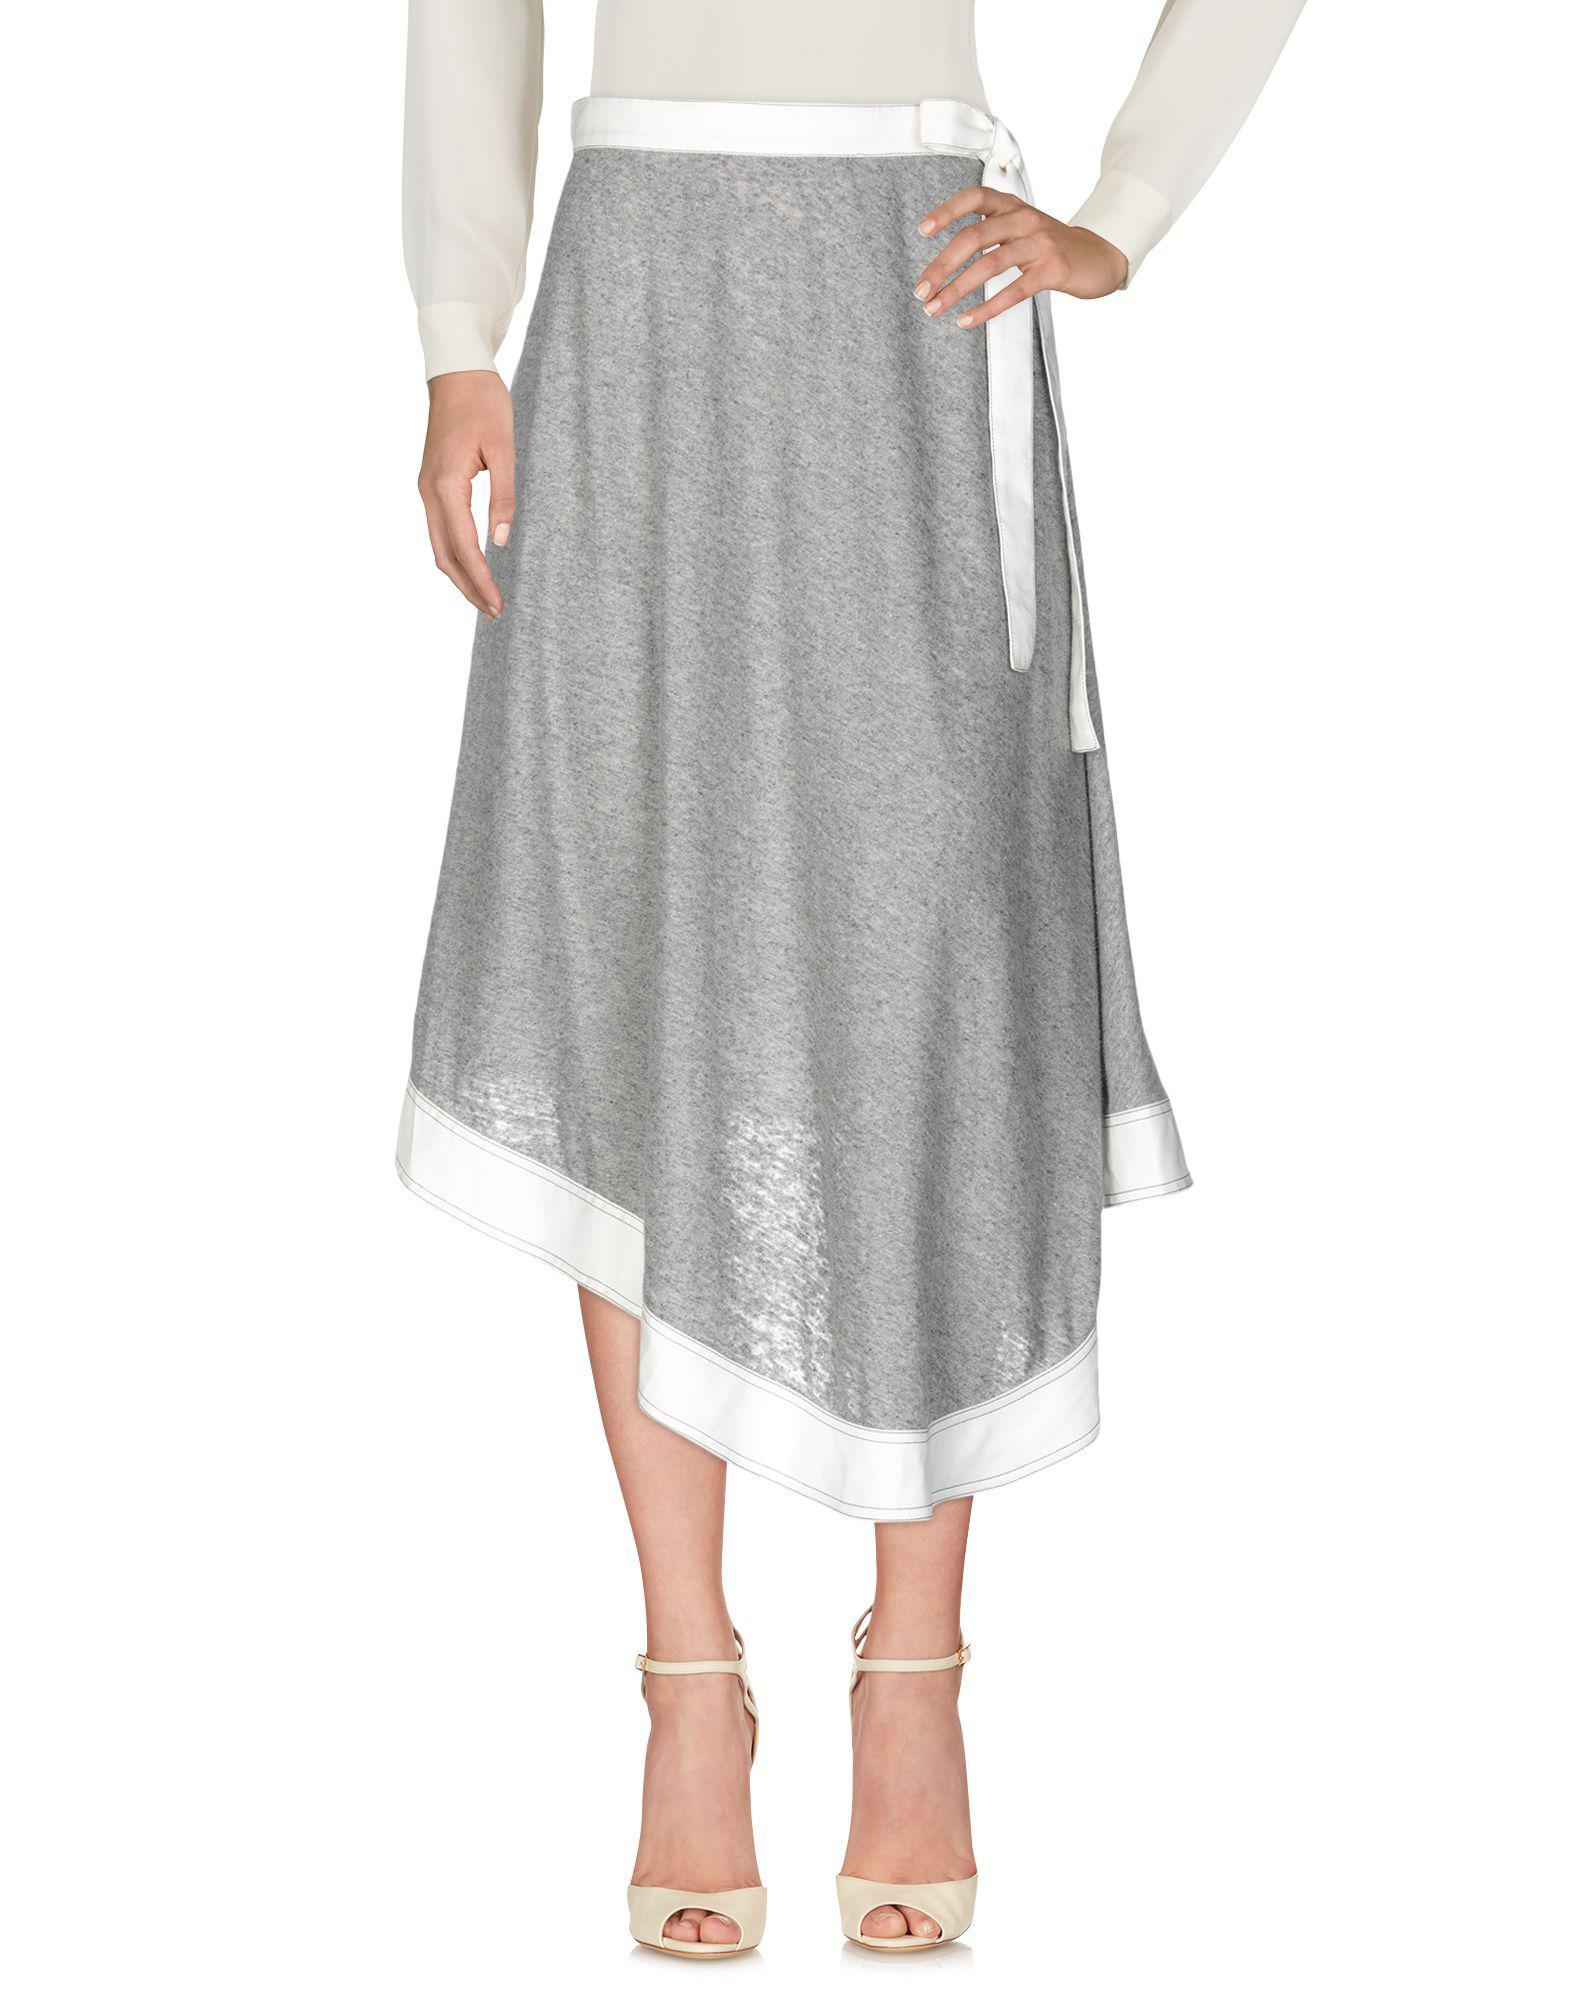 6e81819f1c55 Lyst - Loewe 3/4 Length Skirt in Gray